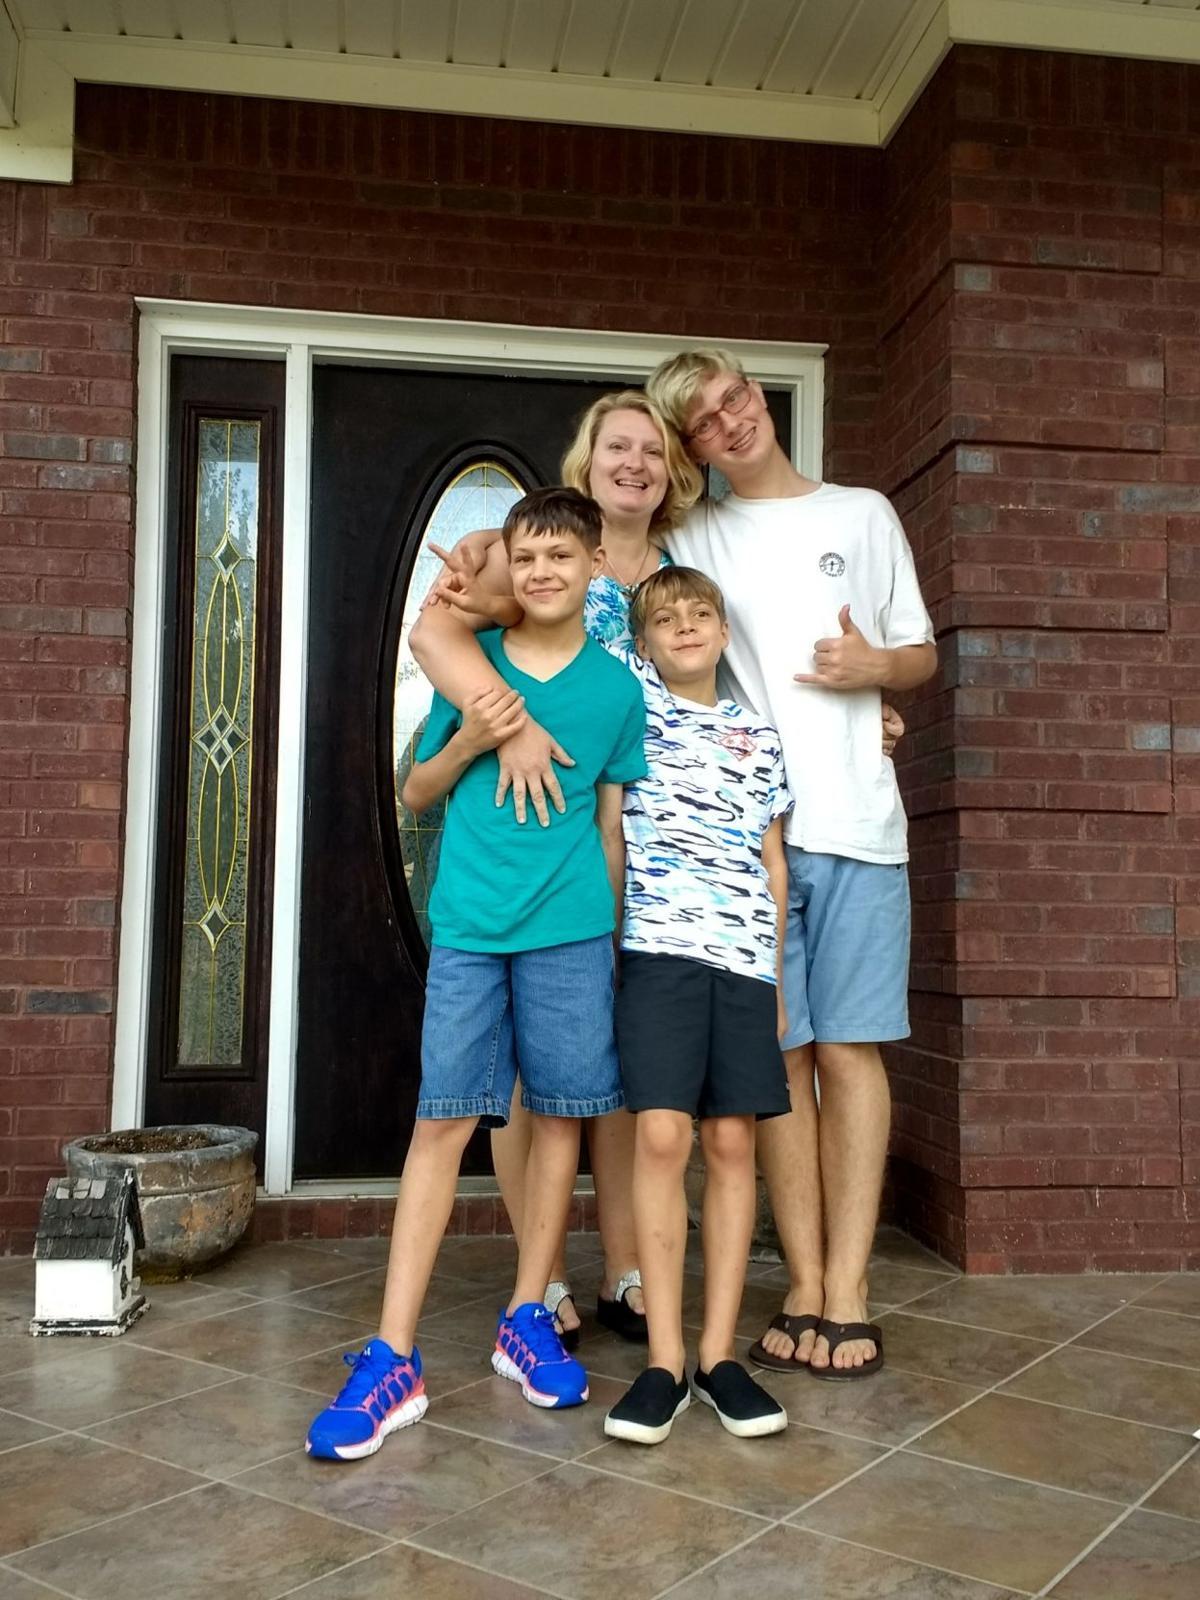 Gold Star family 1 family.jpg